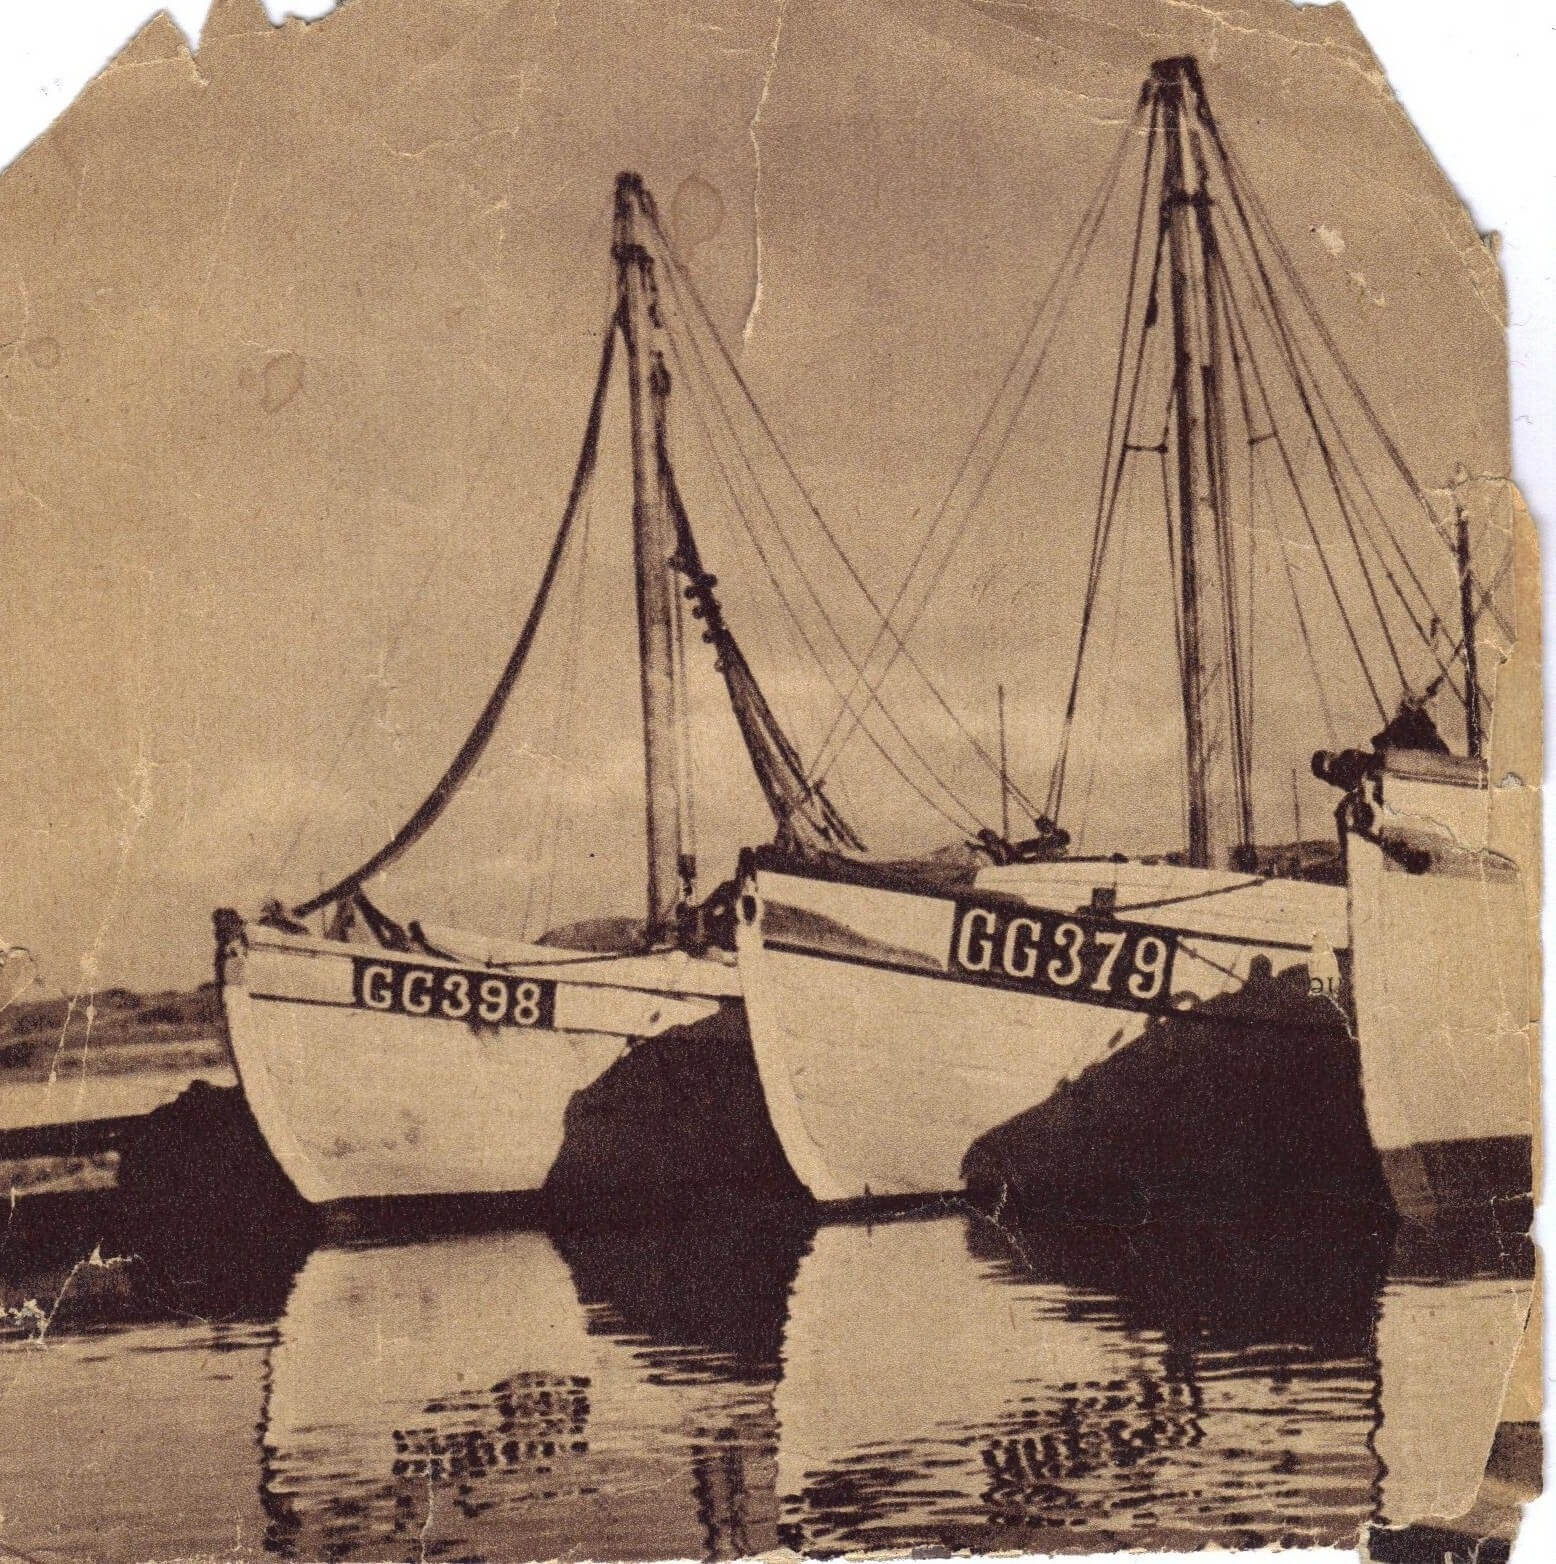 GG398 Bröderna, GG379 Titti, GG234 Kennedy | Bild: Fiskemuseet